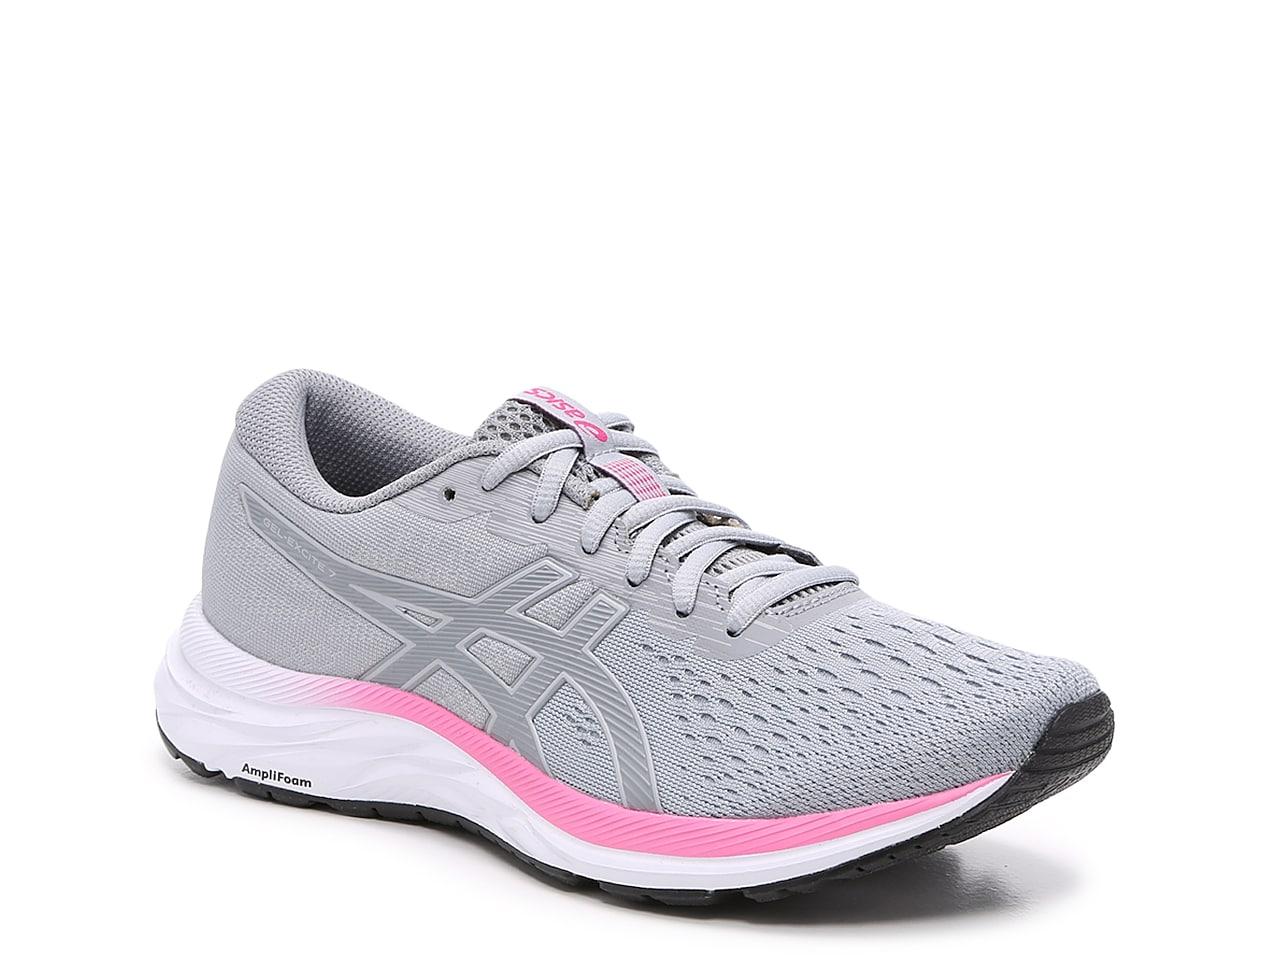 GEL-Excite 7 Running Shoe - Women's